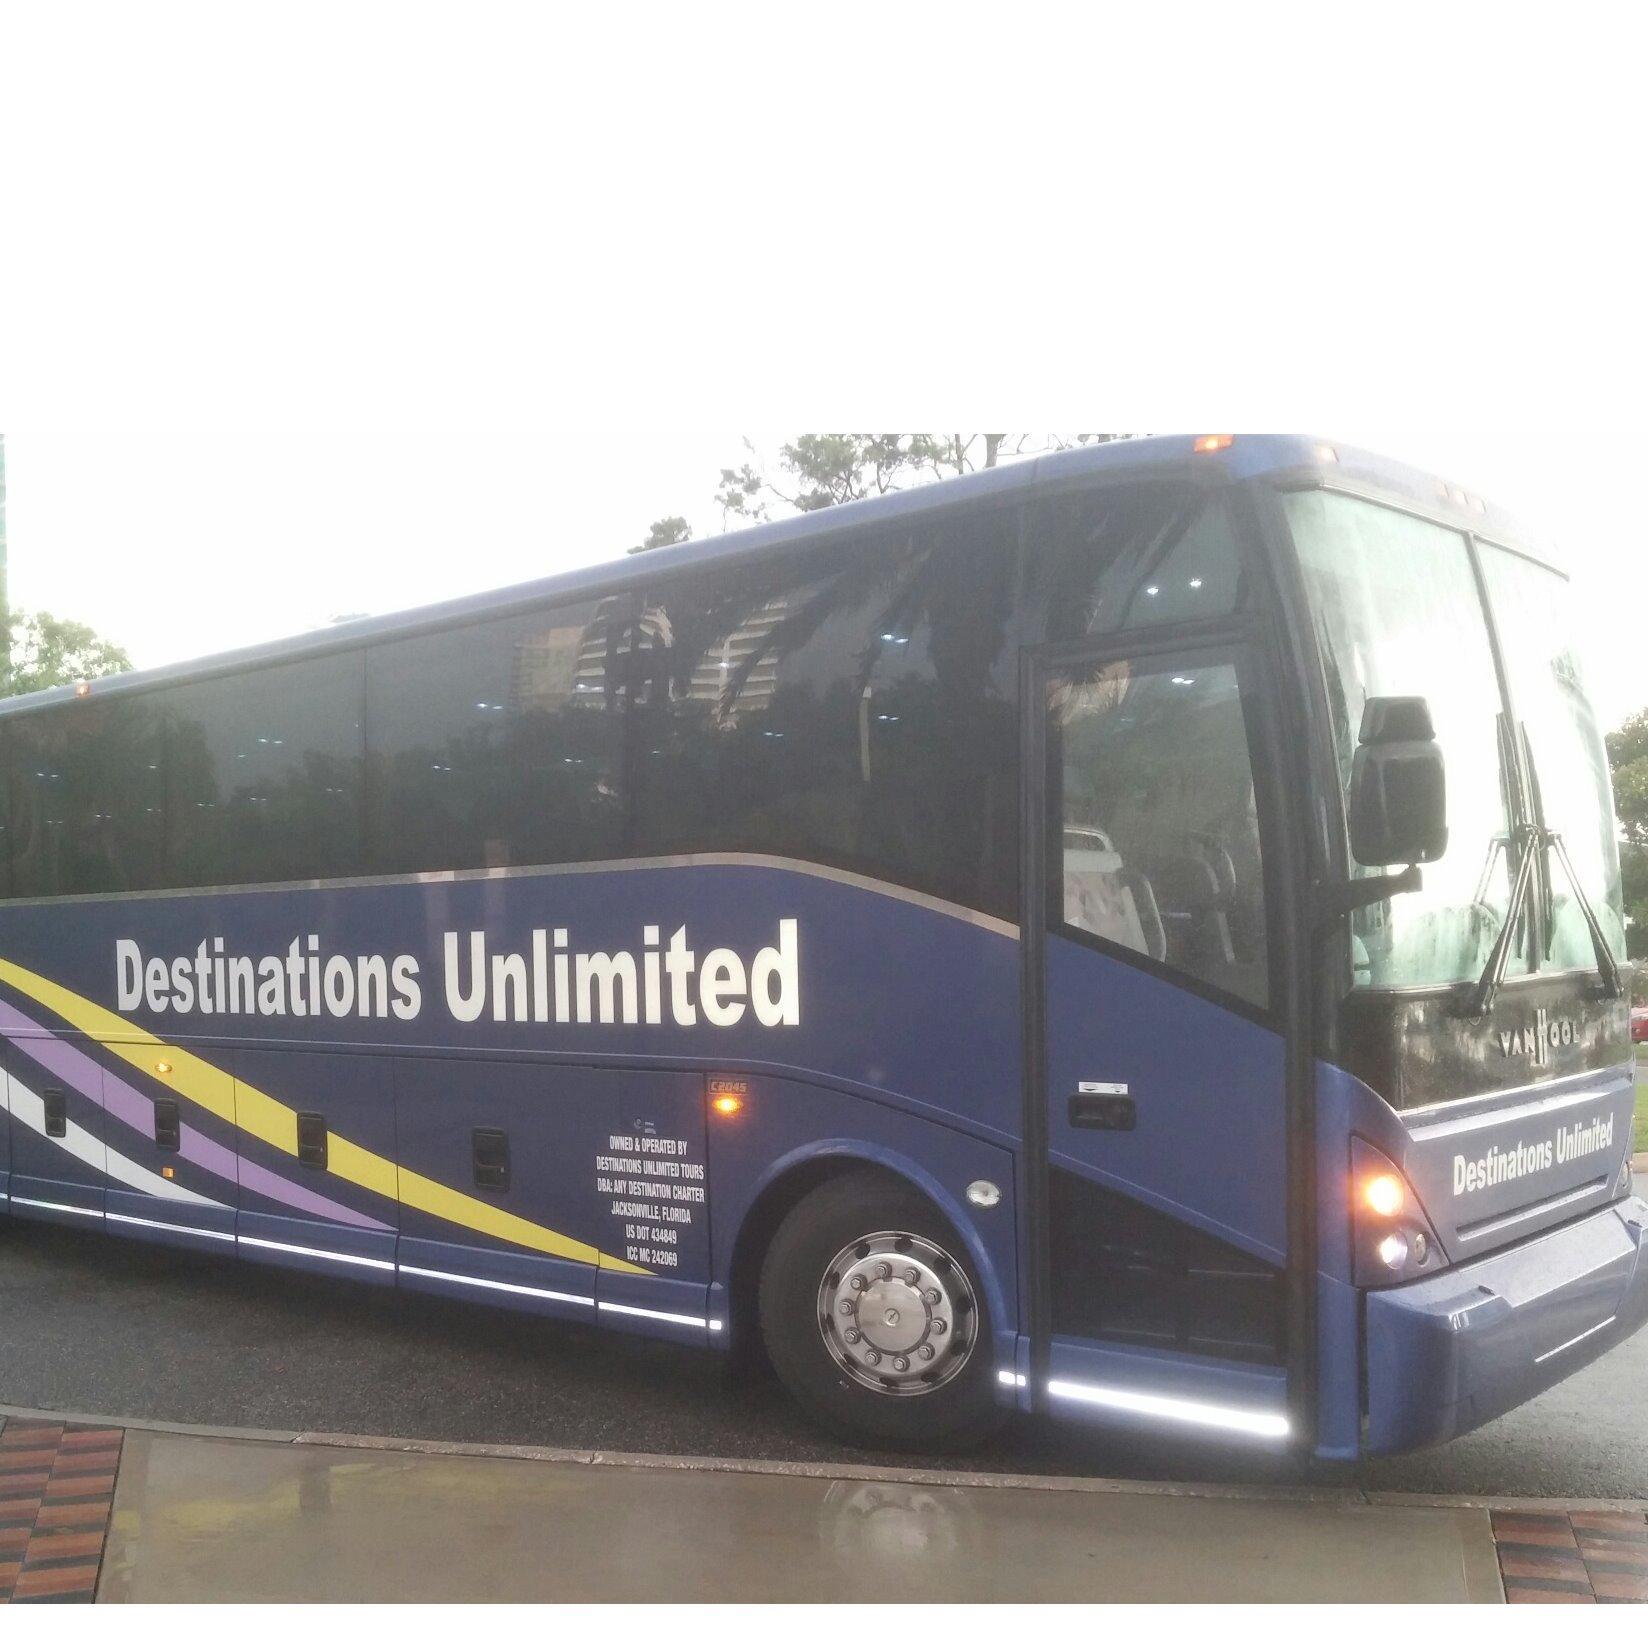 Destinations Unlimited Tours